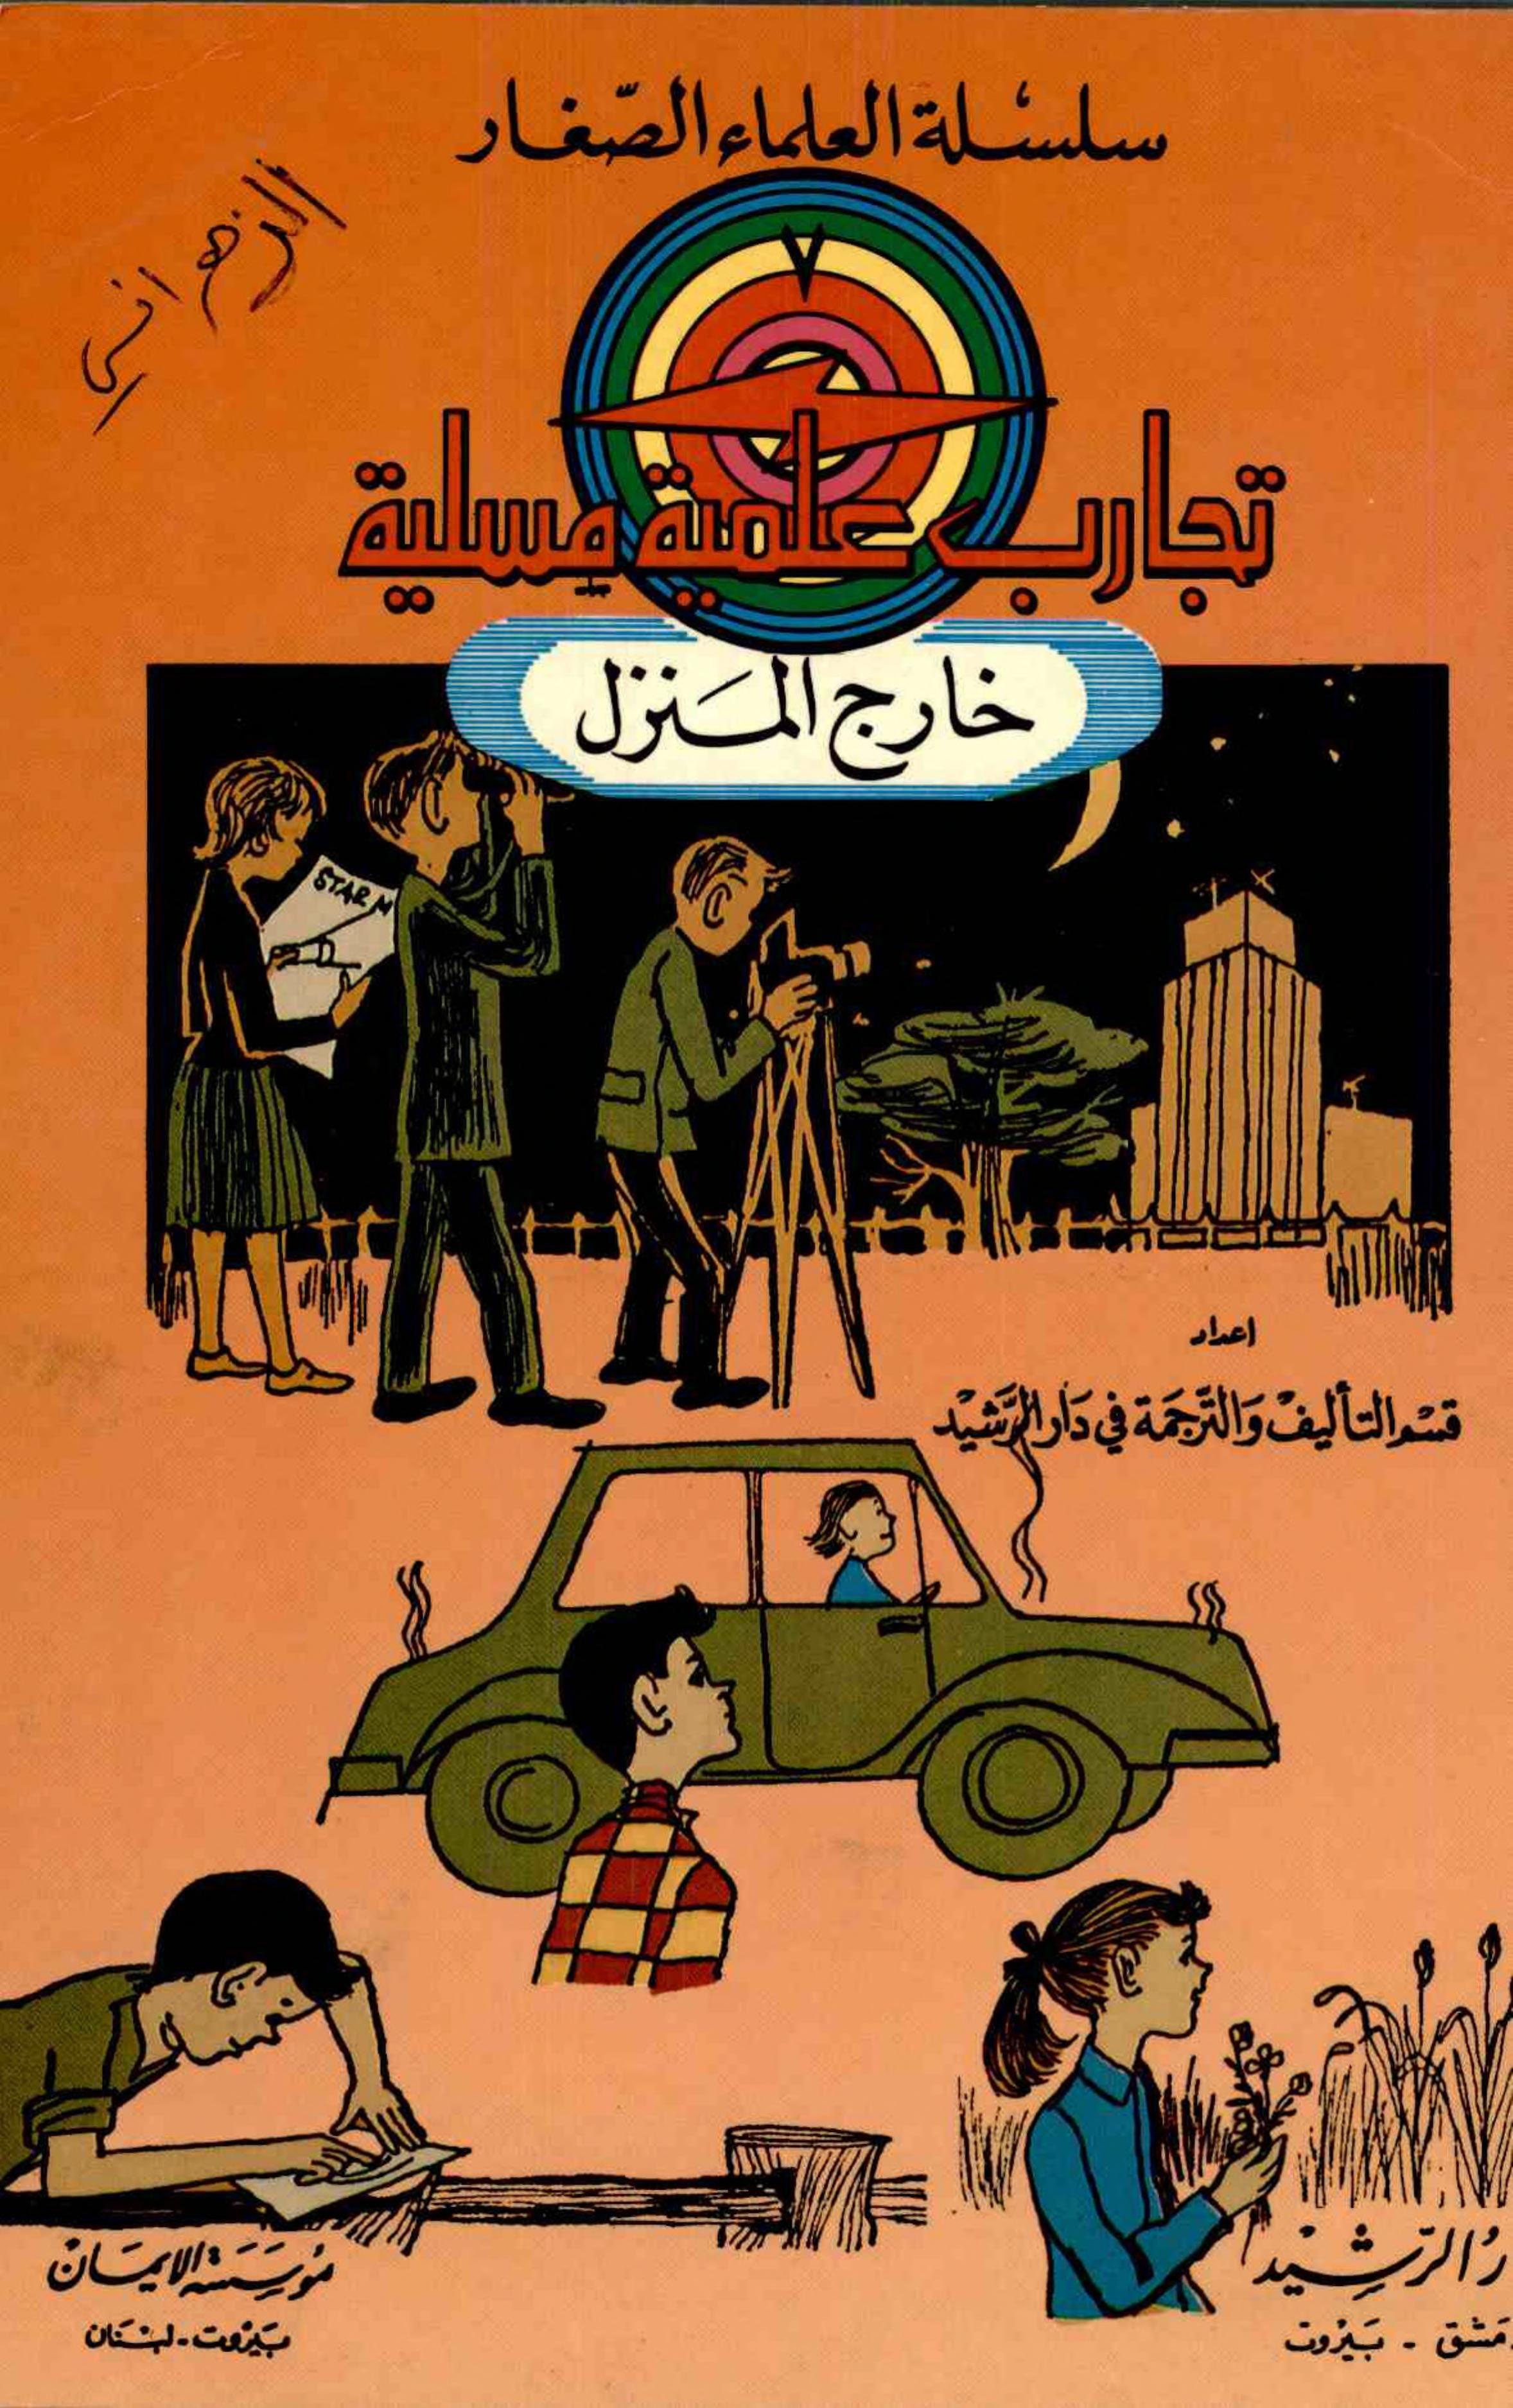 تجارب علمية مسلية في العلوم Free Download Borrow And Streaming Internet Archive Science Illustration Arabic Books Chapter Books